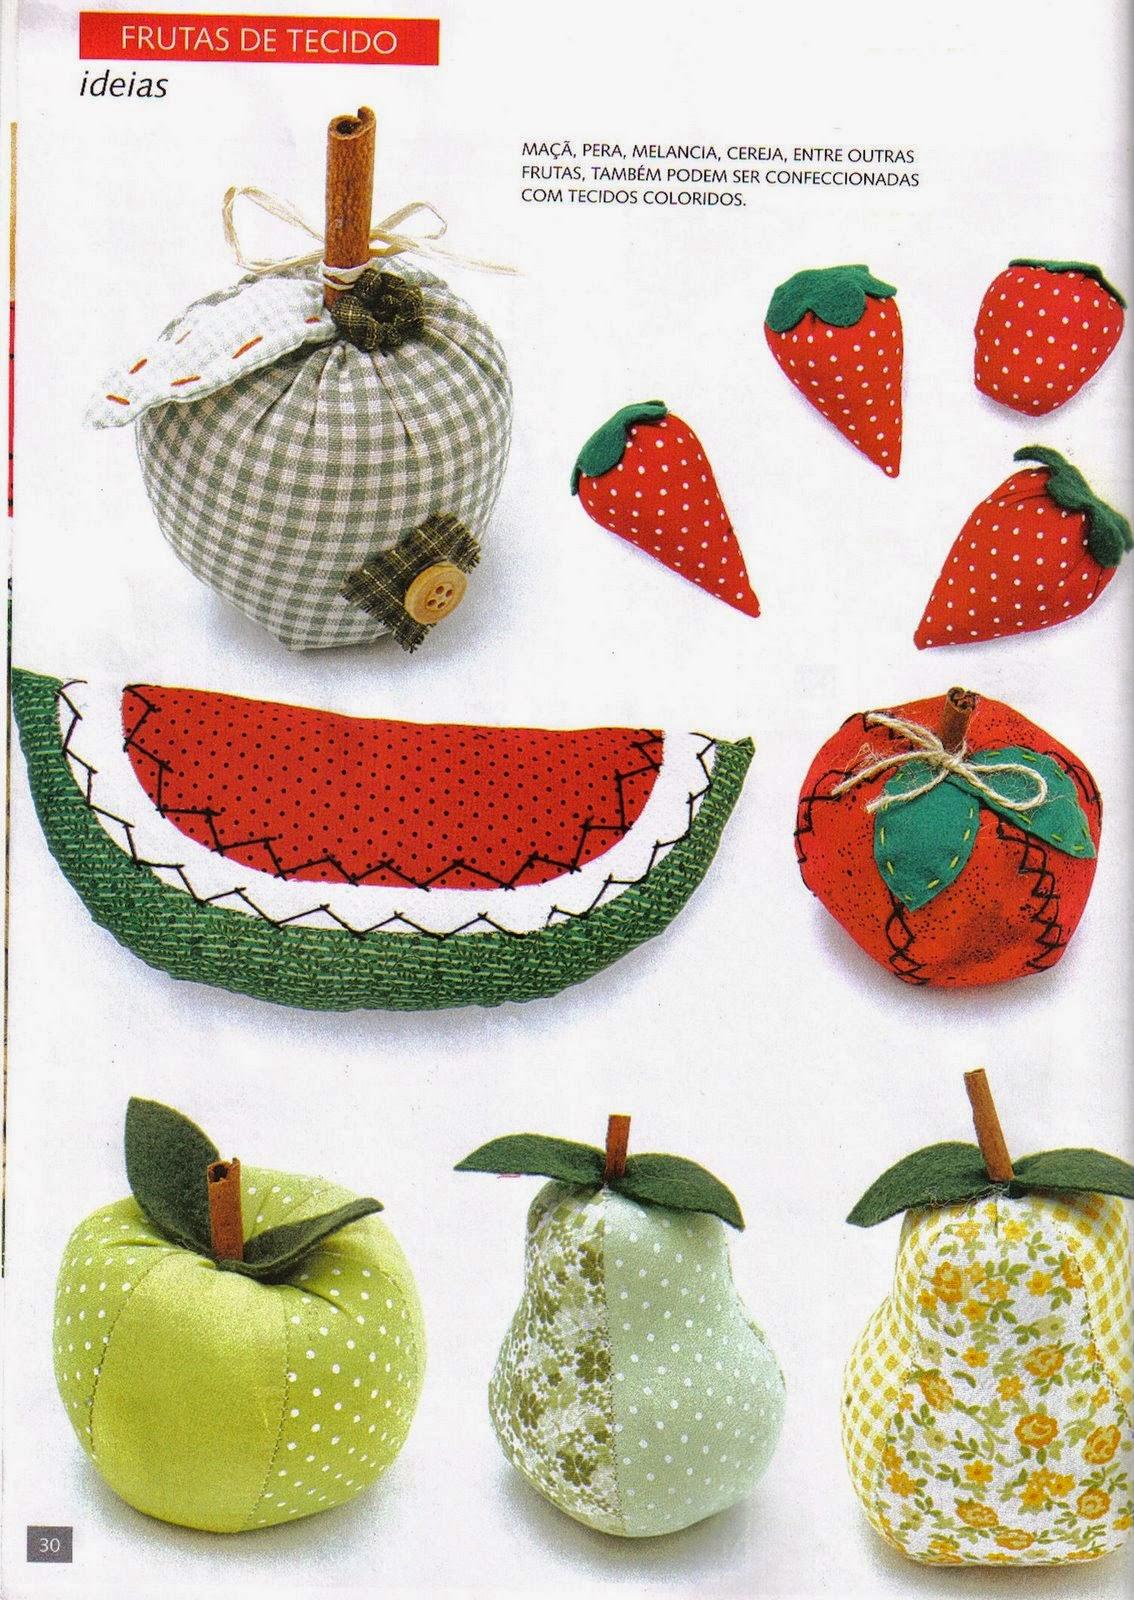 Cesta com frutas de tecido